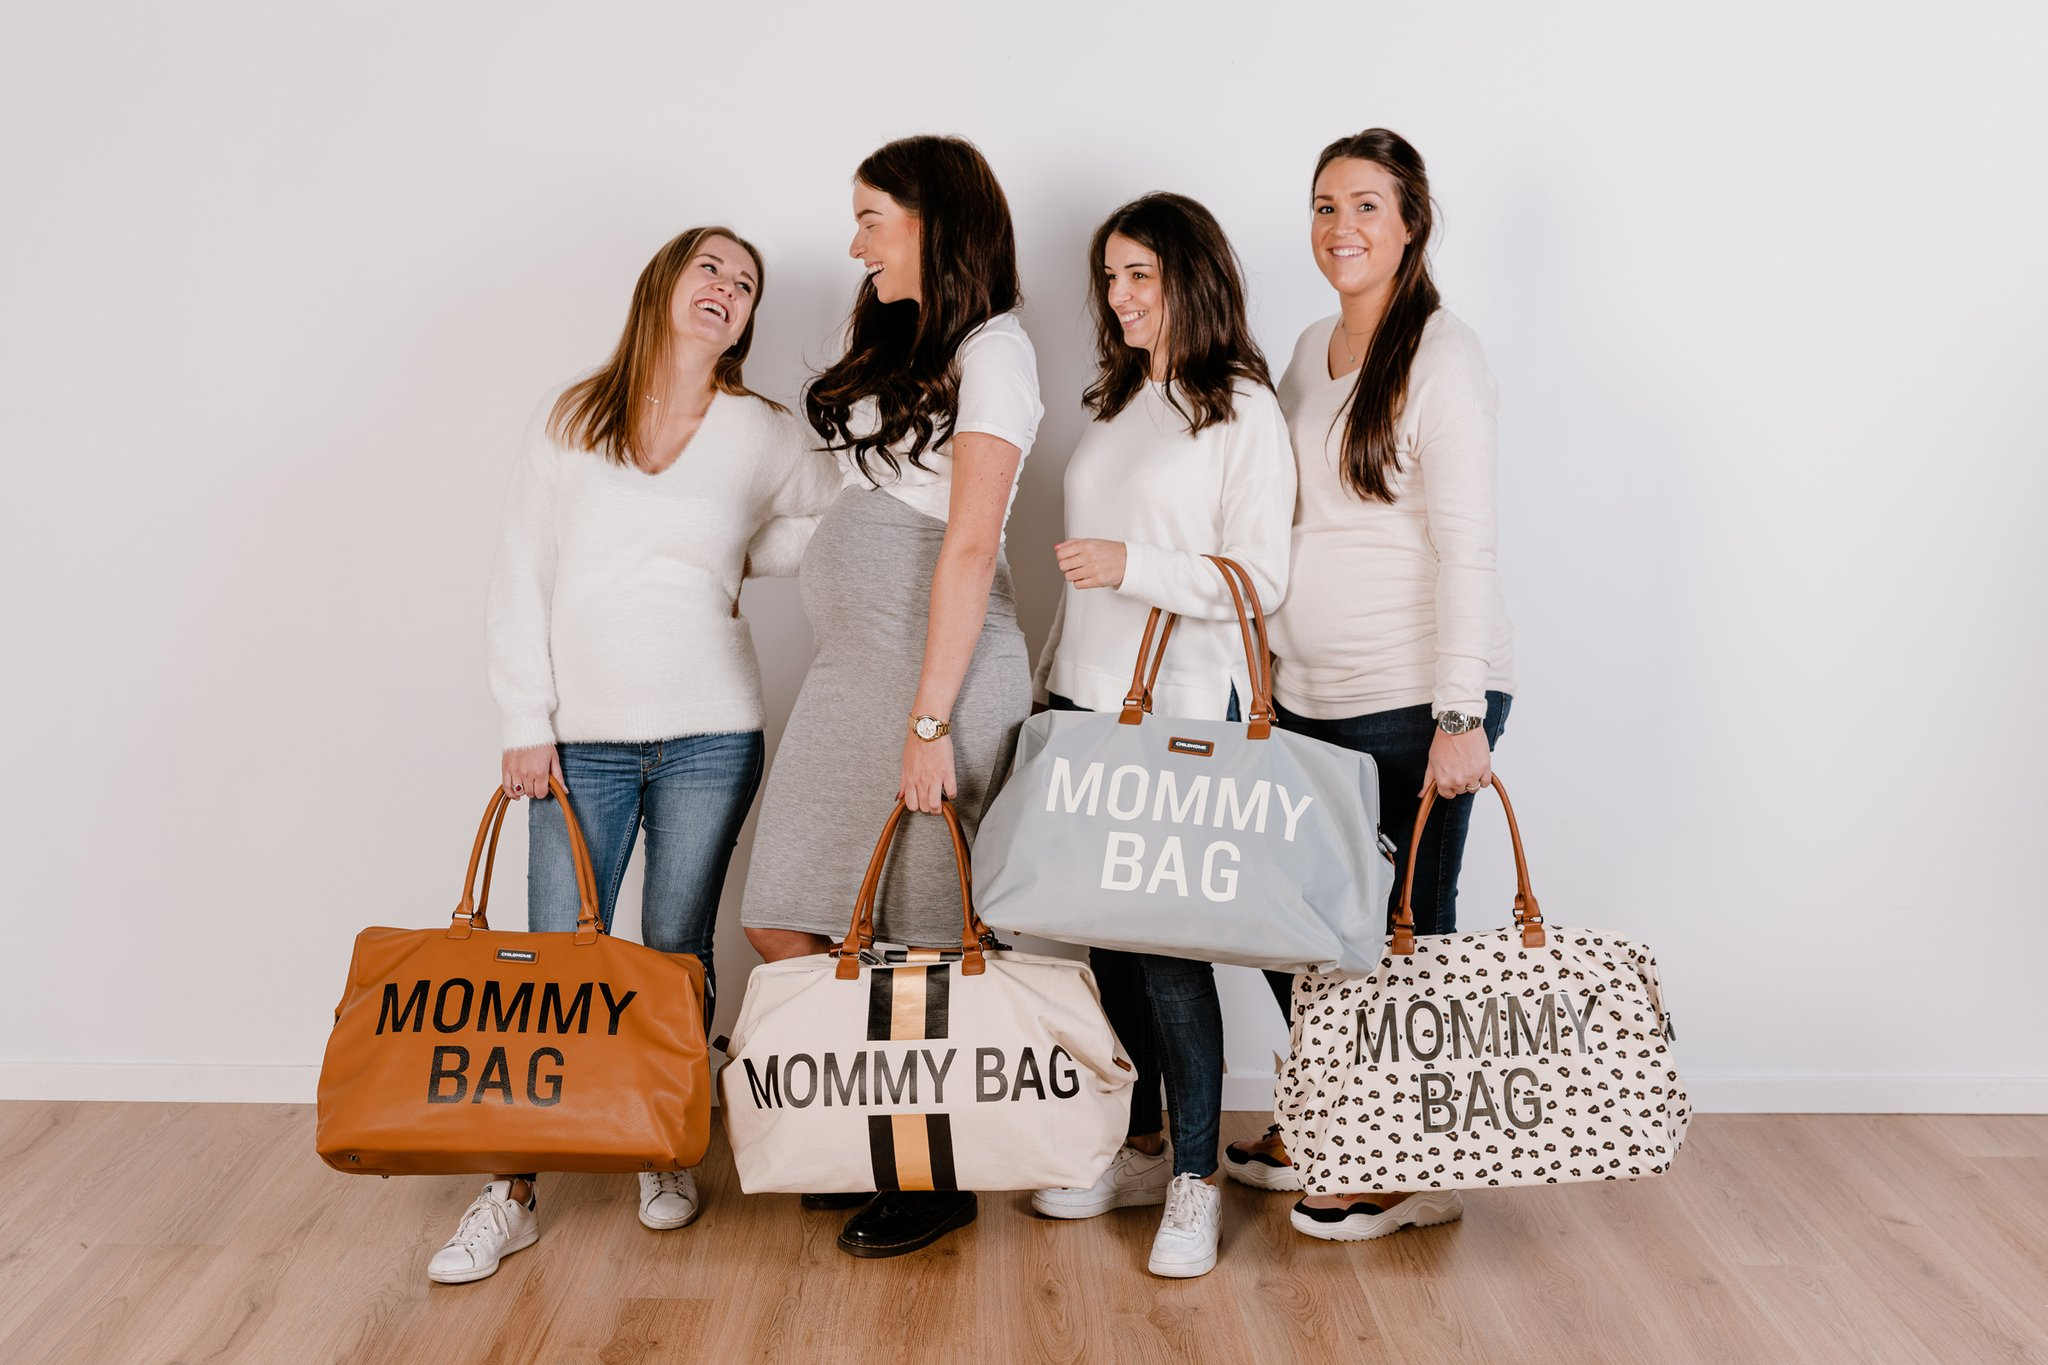 Quand et comment préparer sa valise maternité ?